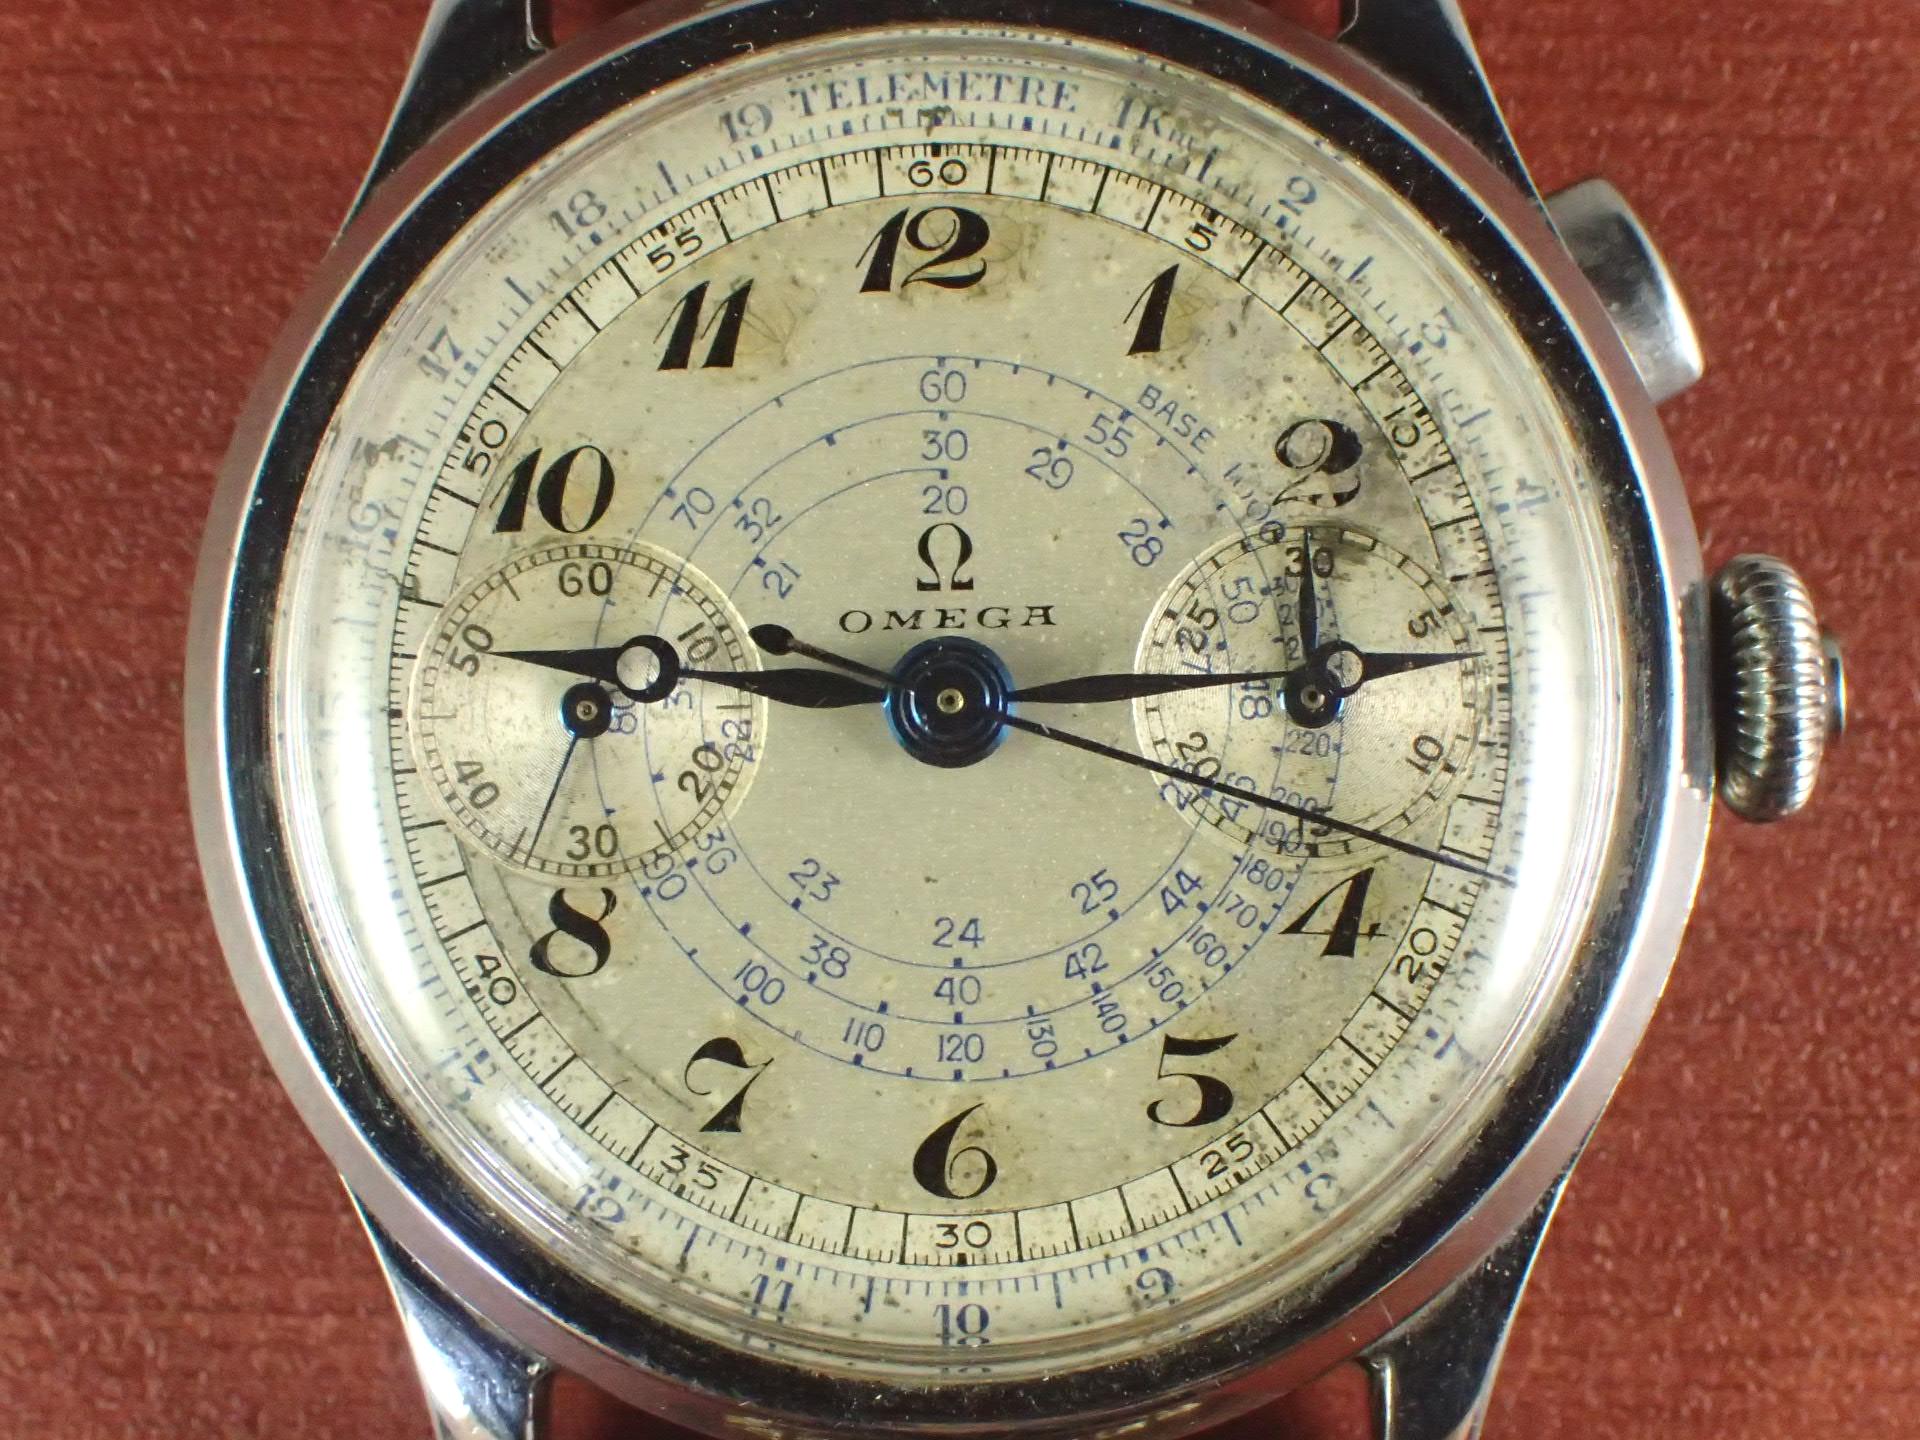 オメガ クロノグラフ キャリバー33.3CHRO ブレゲインデックス 1940年代の写真2枚目